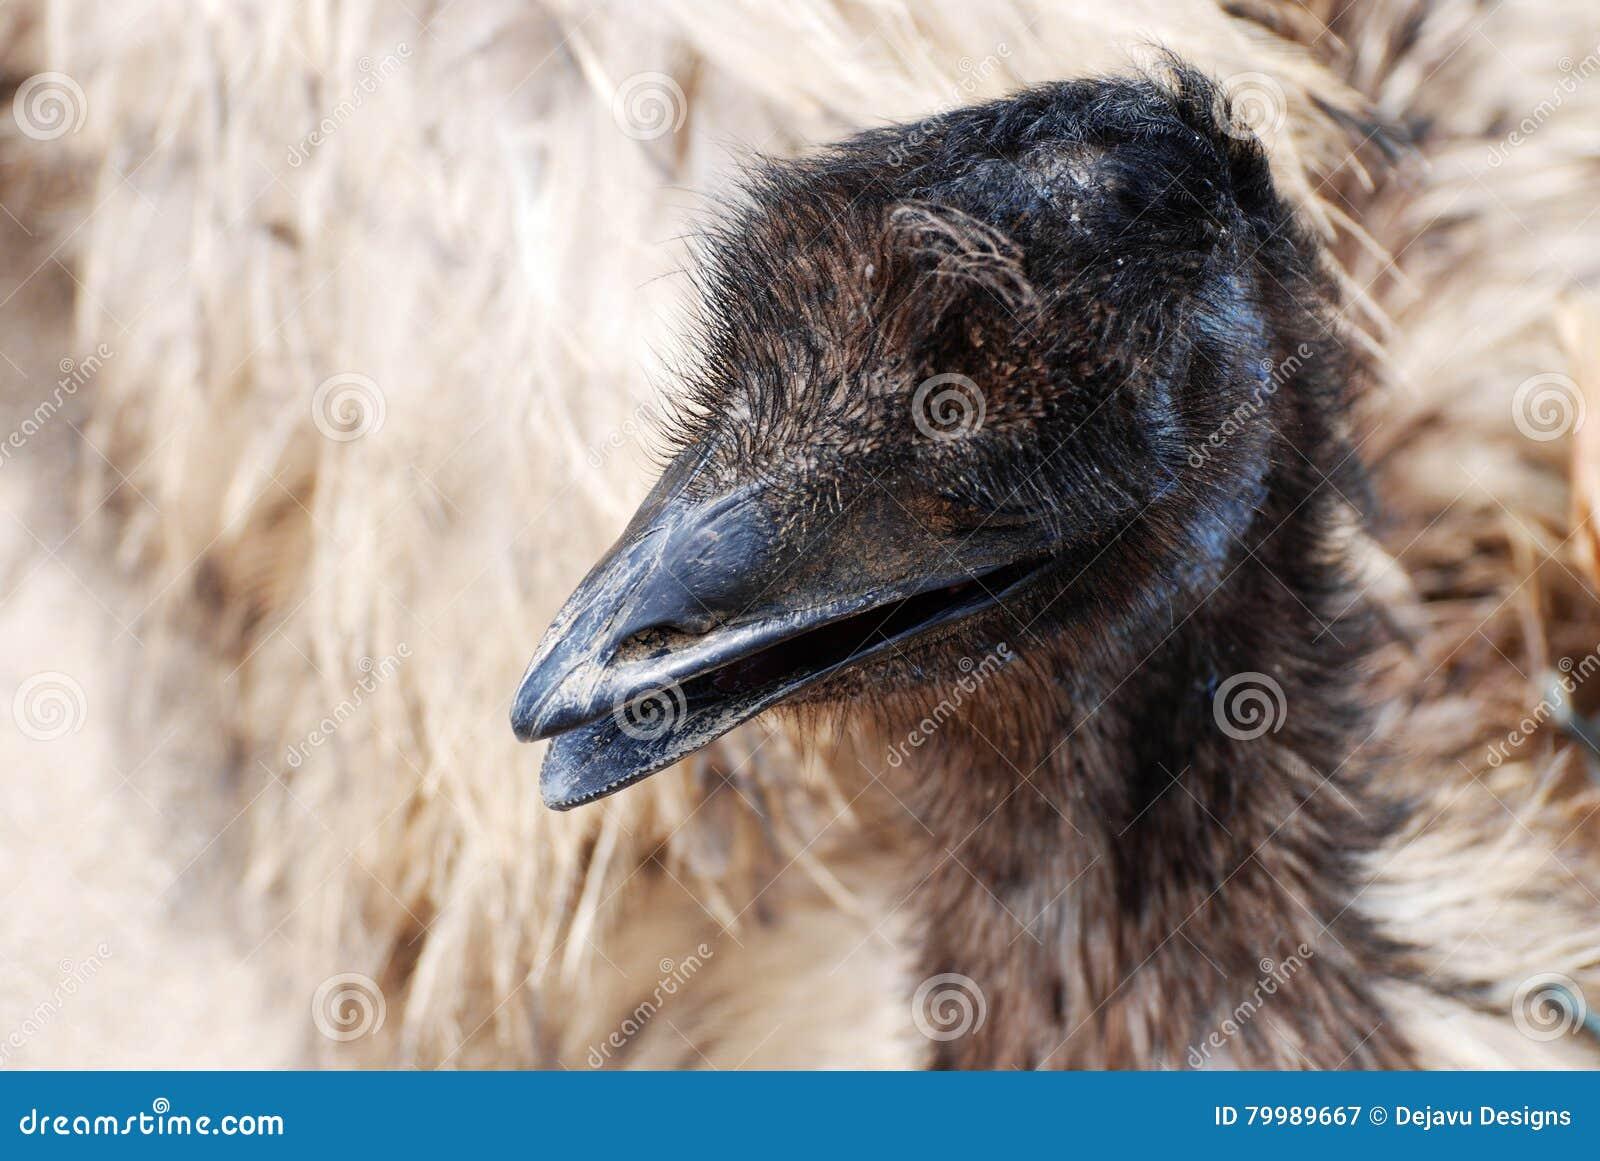 Large Feathered Emu Bird